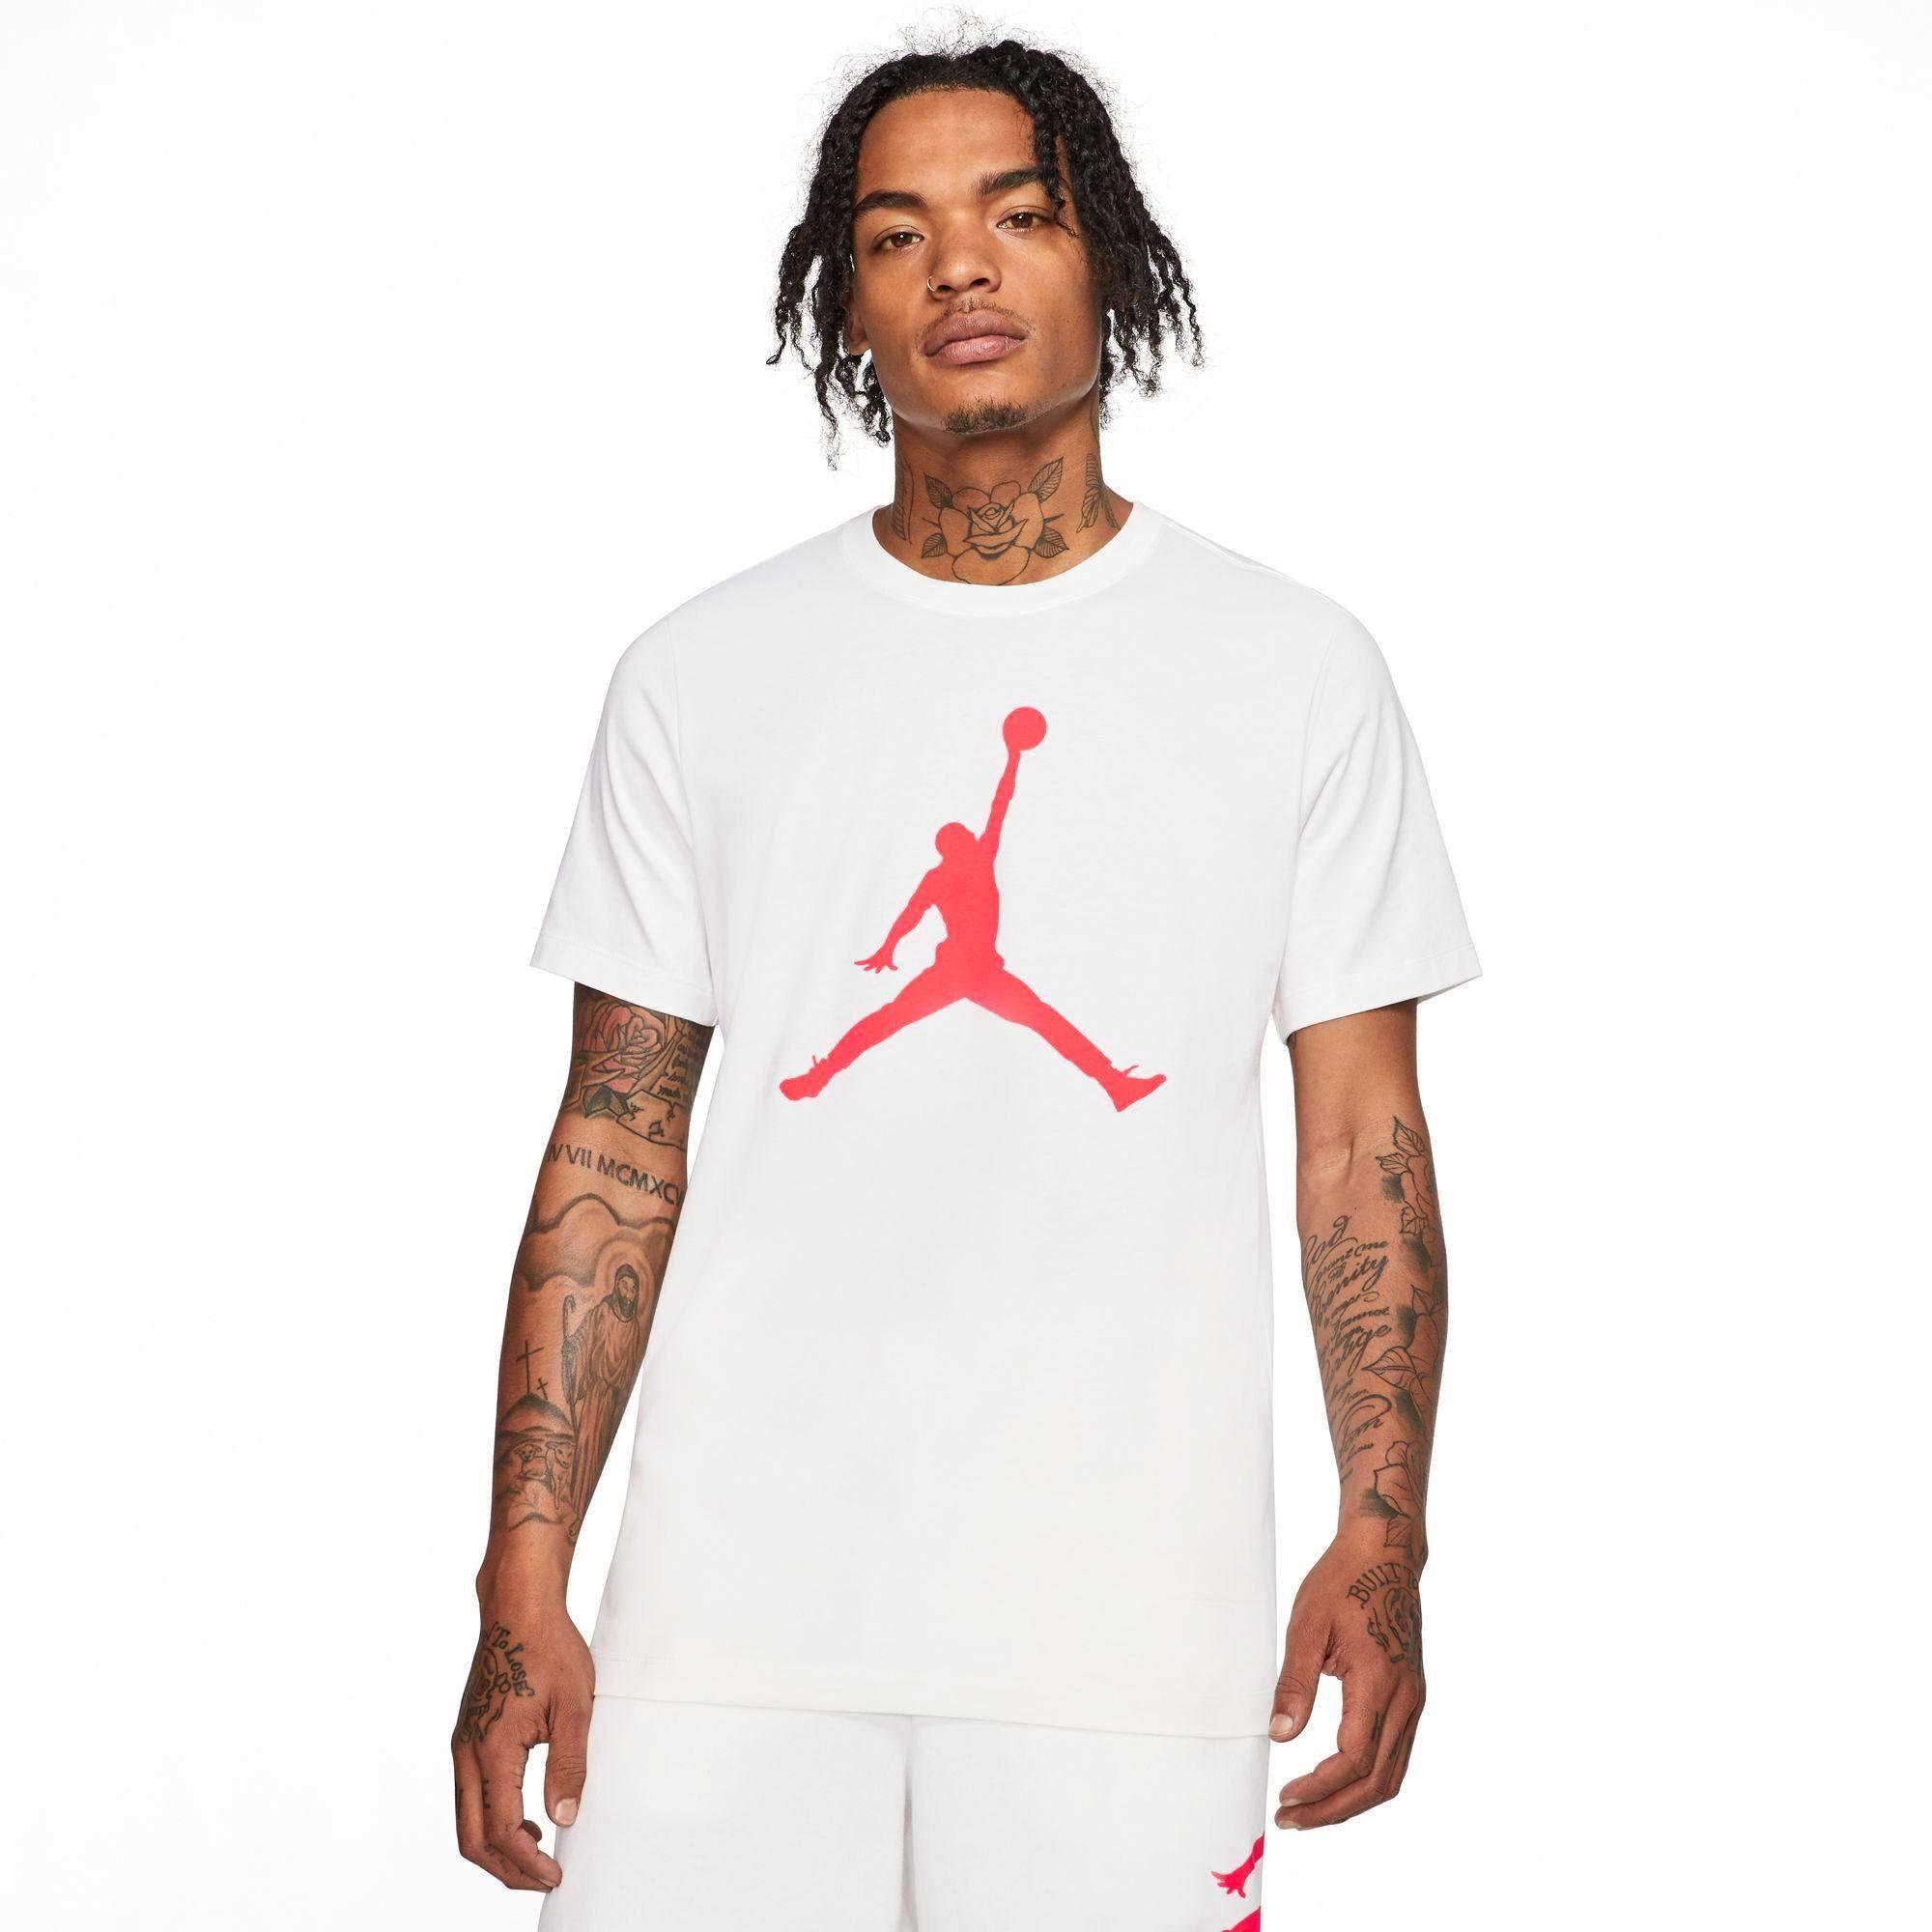 NIKE Jordan Jumpman - Camiseta Hombre: Amazon.es: Deportes y aire libre